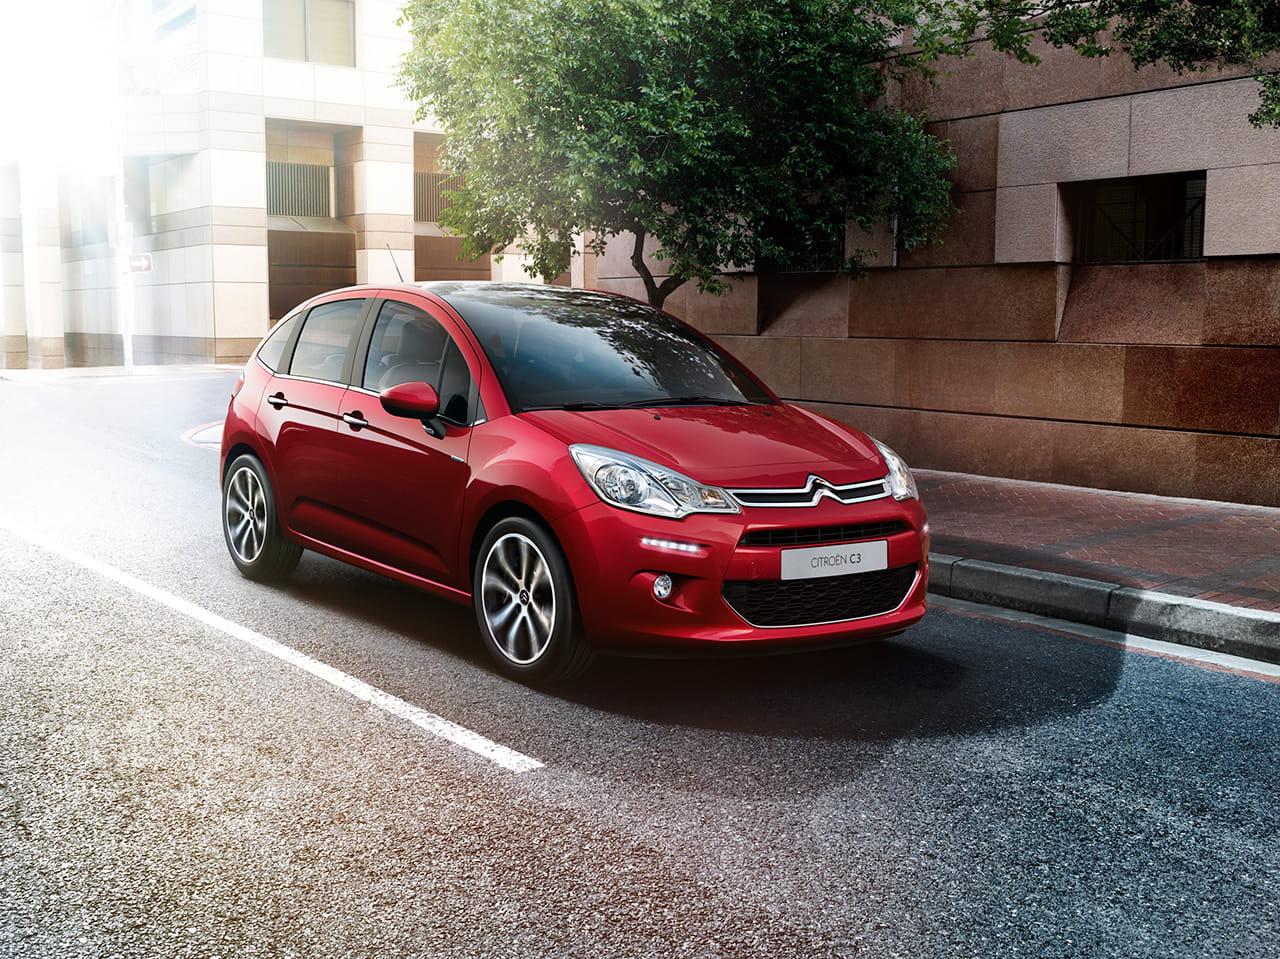 Citroën 2013Presentación Y Nuevo Madrid¿qué Prueba Hay De En C3 OZwPTlXuki